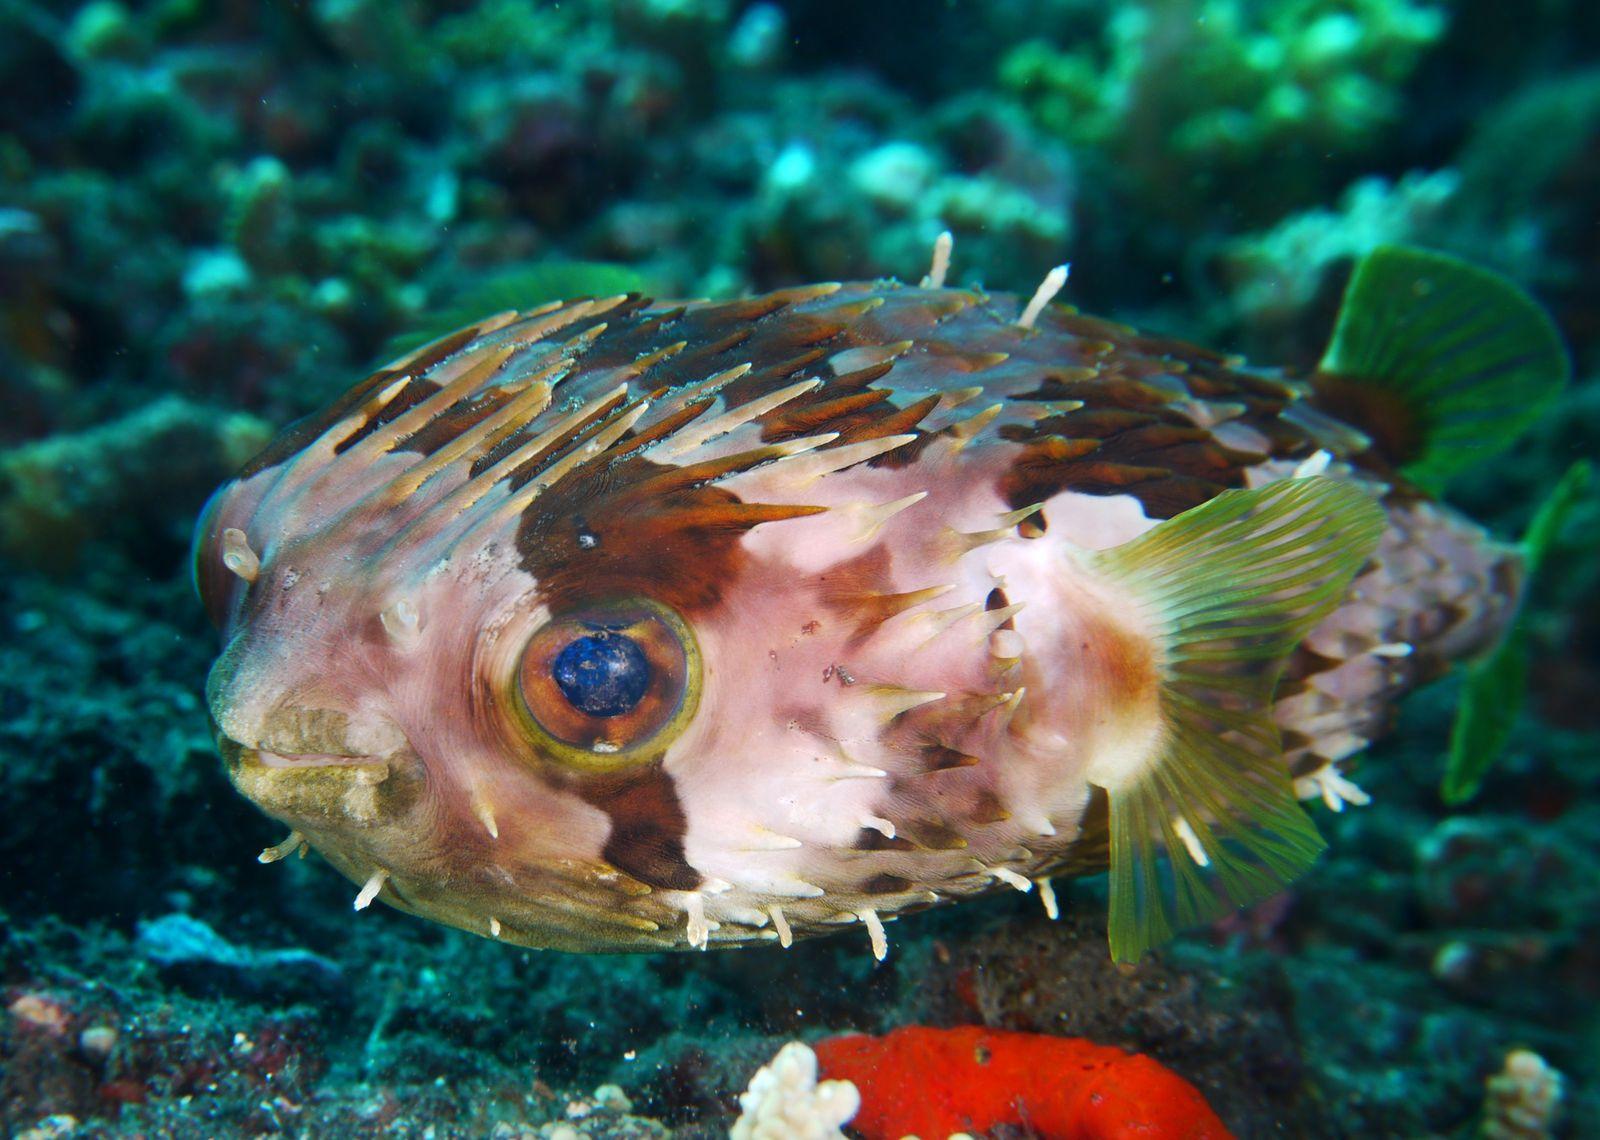 La seiche a passé beaucoup de temps à surveiller ses oeufs dans le corail.